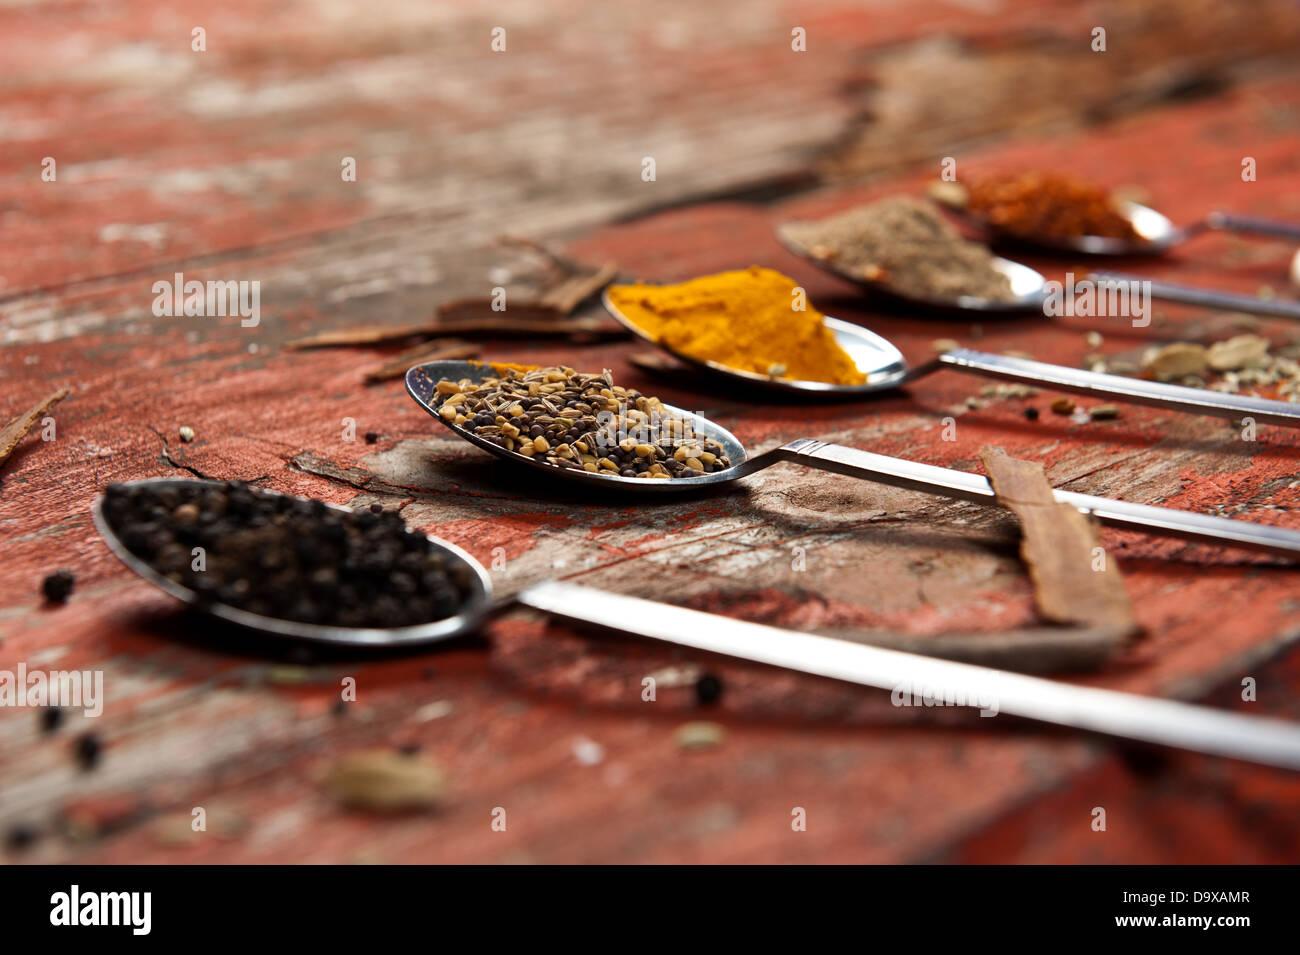 Cucchiai colma di spezie differenti su un arancione a trama della superficie in legno. Uso artistico della profondità Immagini Stock